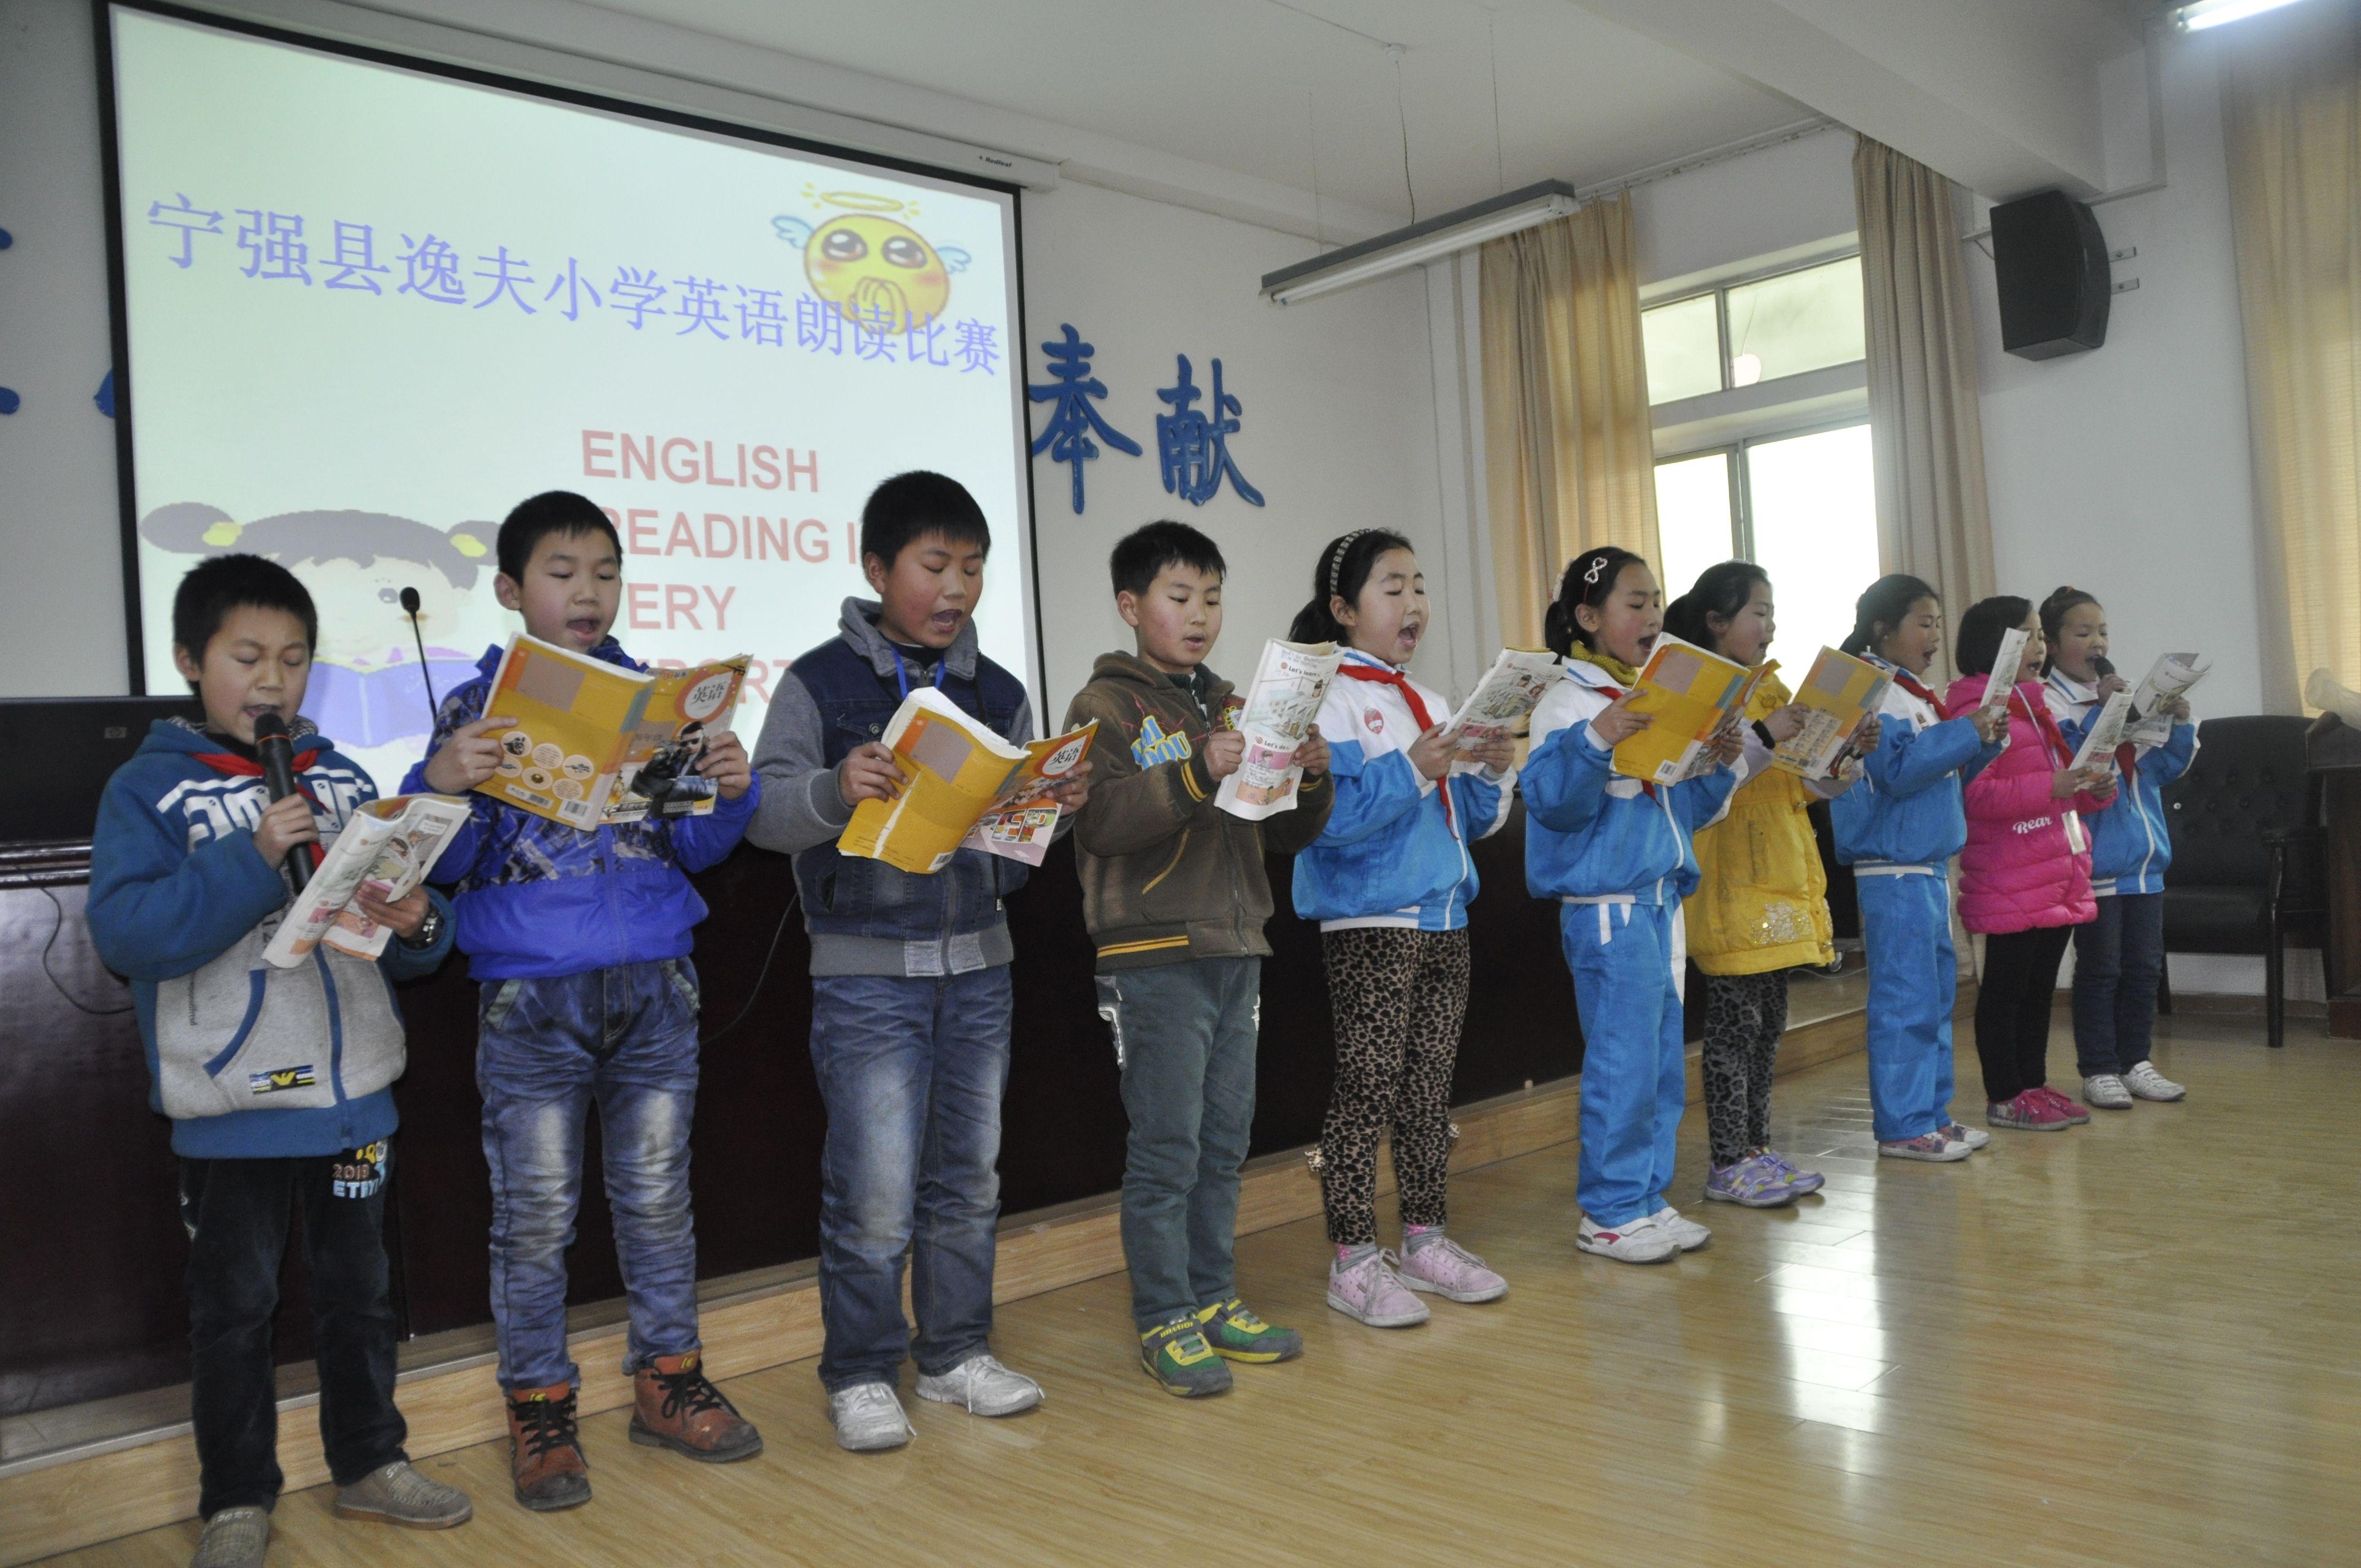 宁强县逸夫小学学生英语朗读比赛称